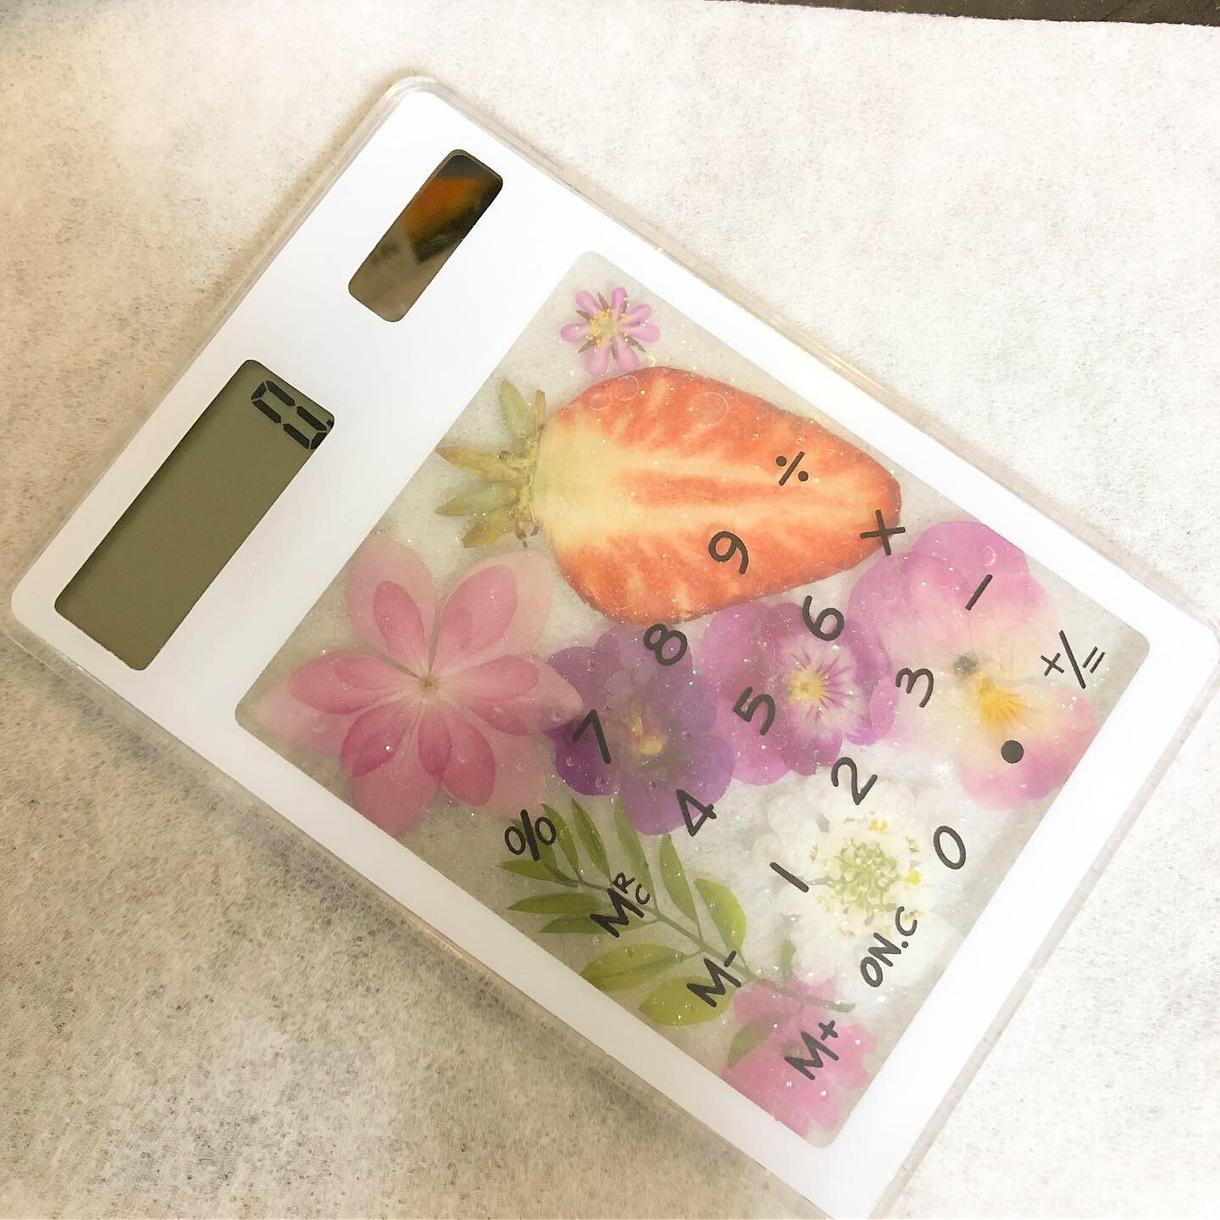 フルーツ電卓作ります ソーラータイプの電卓をフルーツやお花たっぷりに❤️